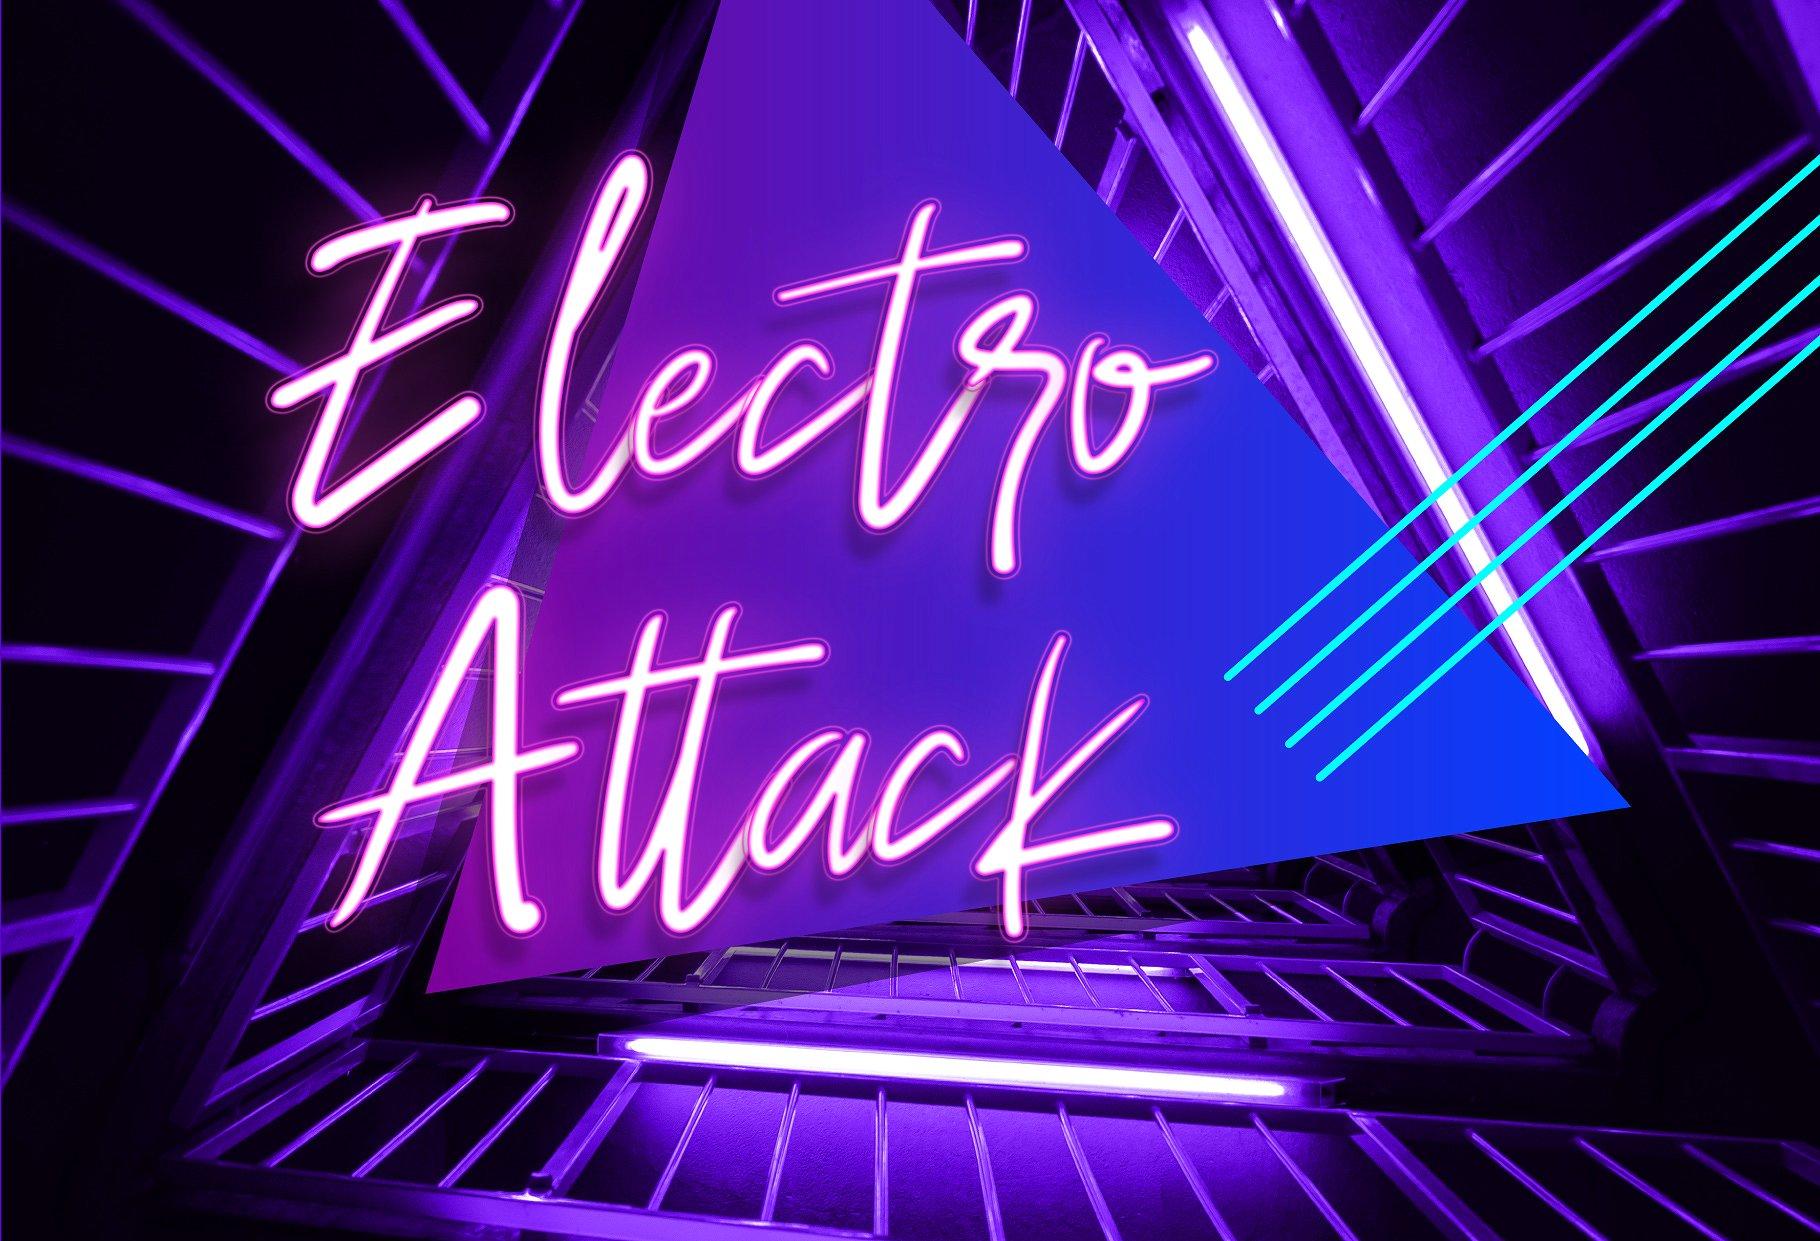 دانلود رایگان فونت انگلیسی Discoteque Neon